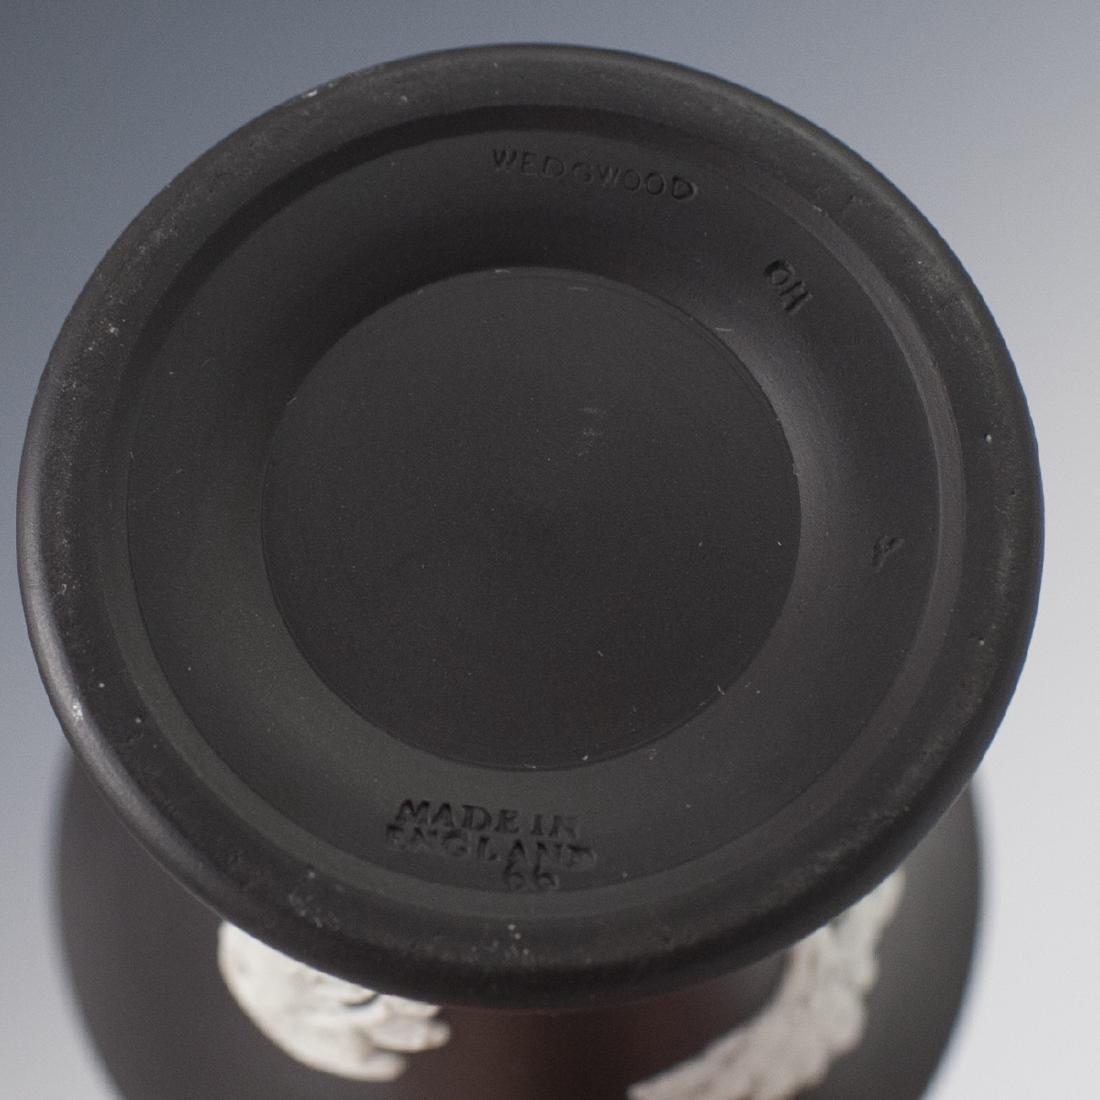 Wedgwood Black Jasperware Pencil Cup - 4